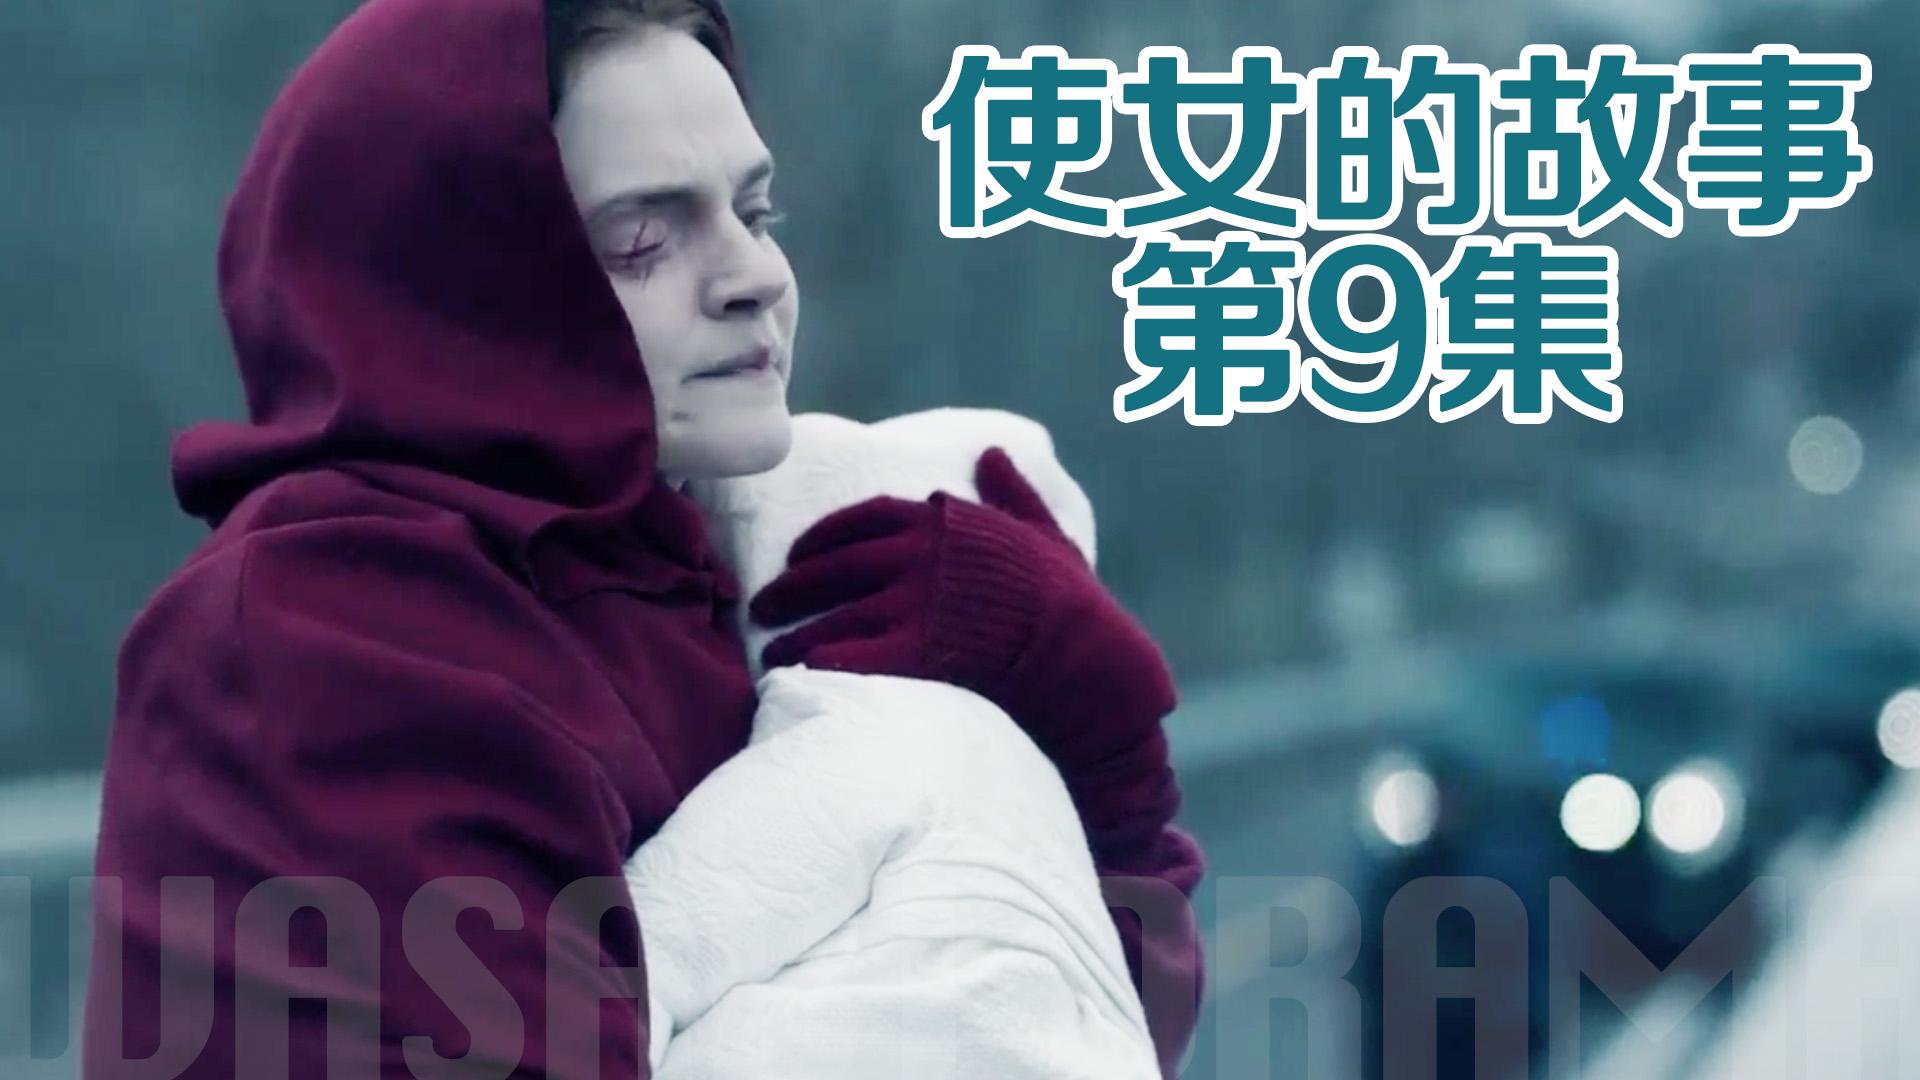 #经典影视#解读美剧《使女的故事》第九集 少女轻信高官的承诺却赔了小命